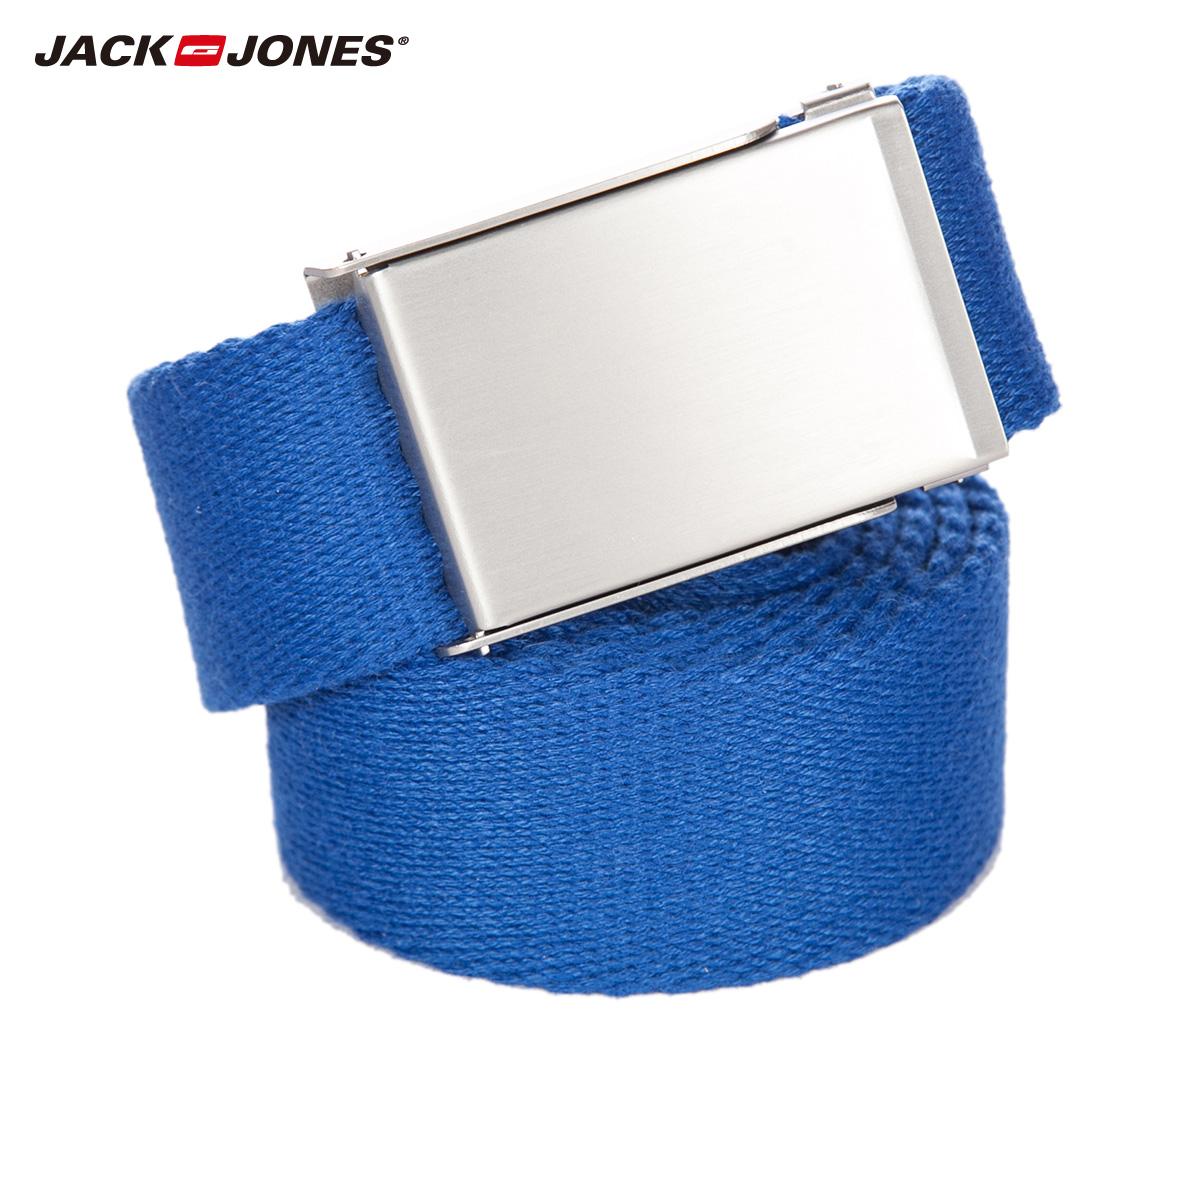 JackJones傑克瓊斯春夏簡約帆布耐磨卡扣 皮帶腰帶C^|21627700